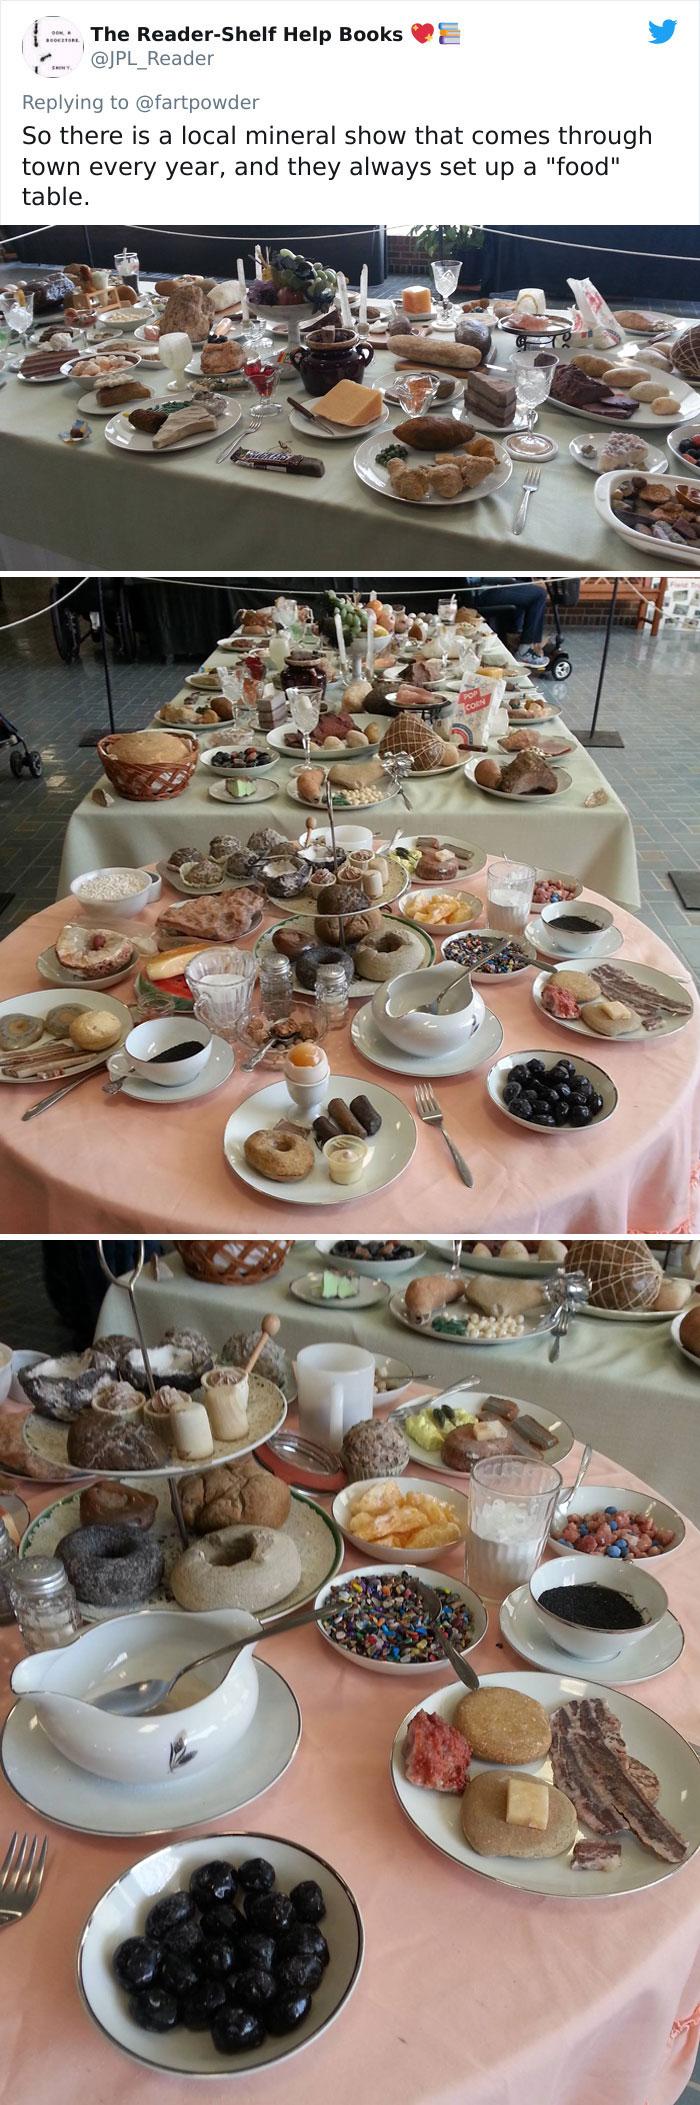 """Hay una exposición local de minerales que viene a la ciudad todos los años y siempre preparan una mesa con """"comida"""""""